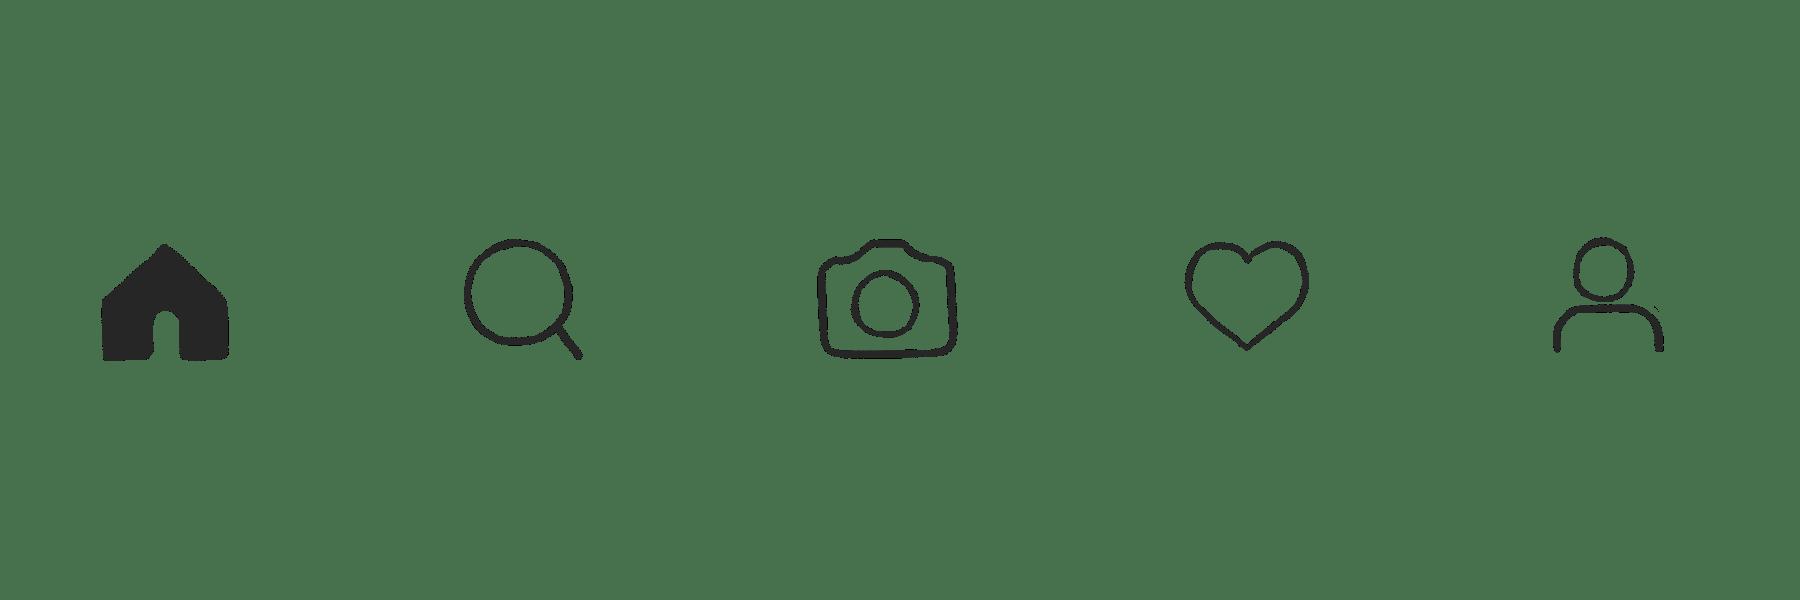 instagram-bottom-banner-icons